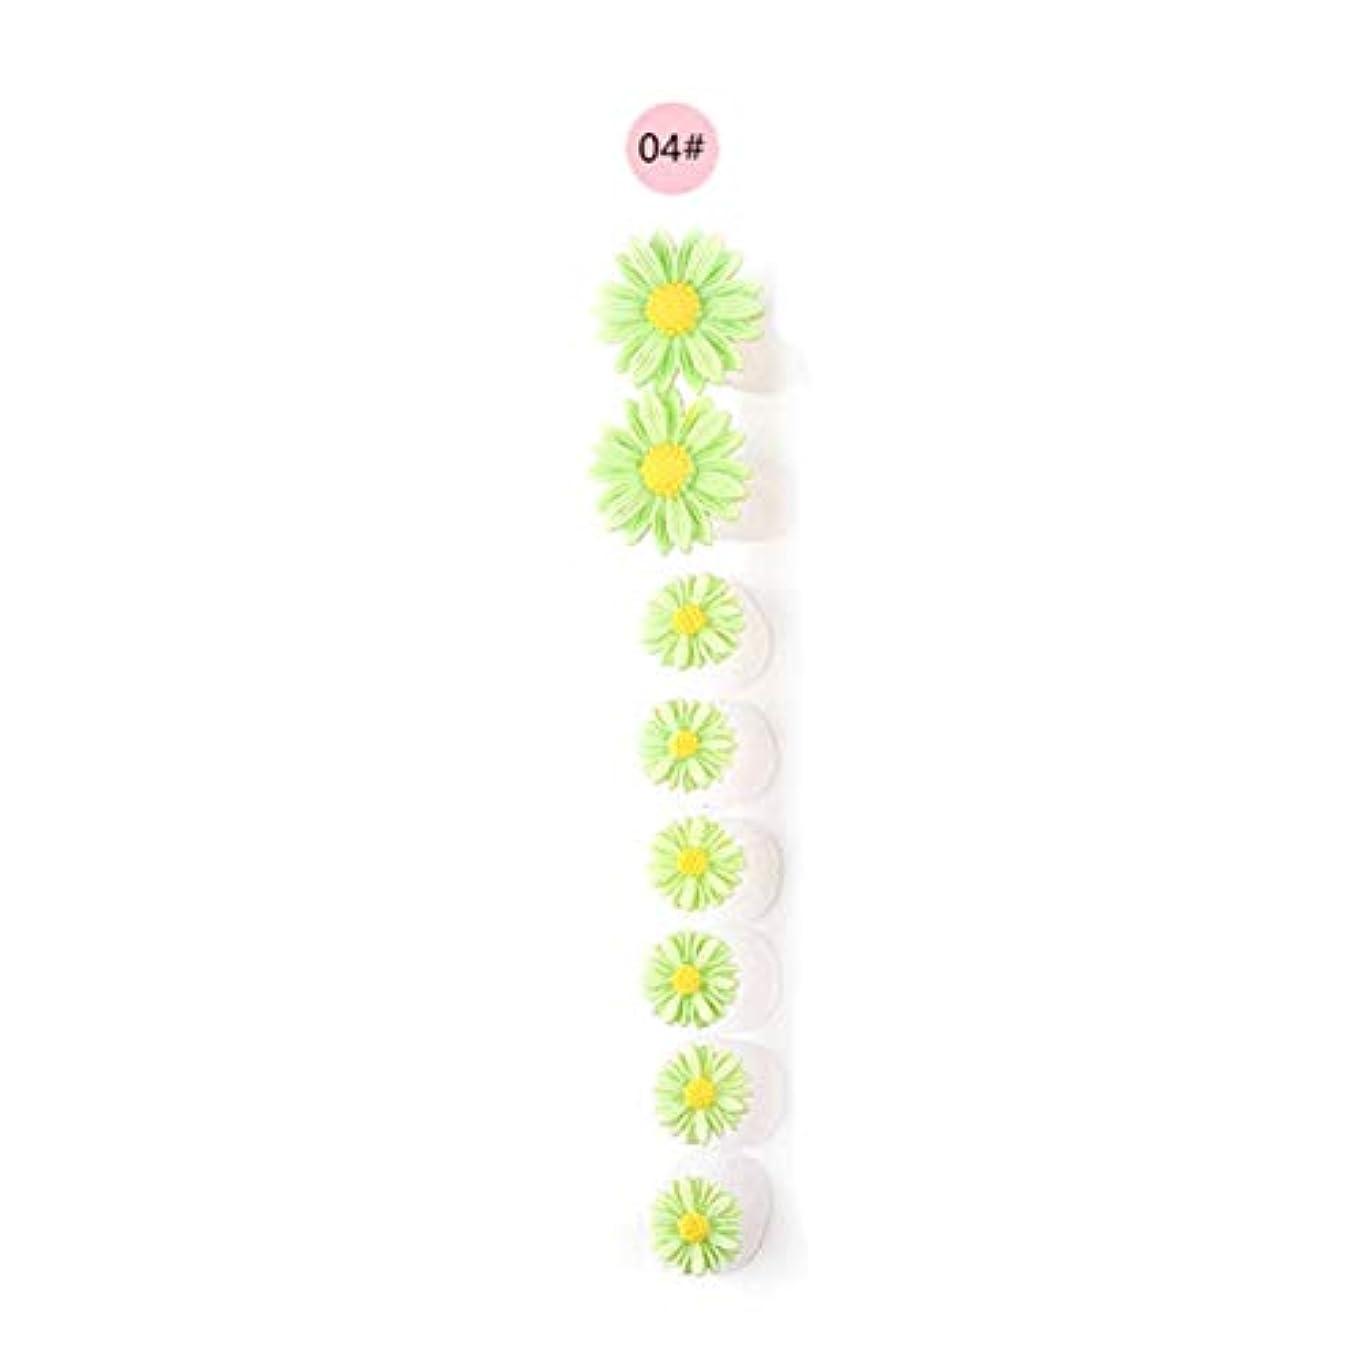 いつクリスチャン養う8ピース/セットシリコンつま先セパレーター足つま先スペーサー花形ペディキュアDIYネイルアートツール-カラフル04#